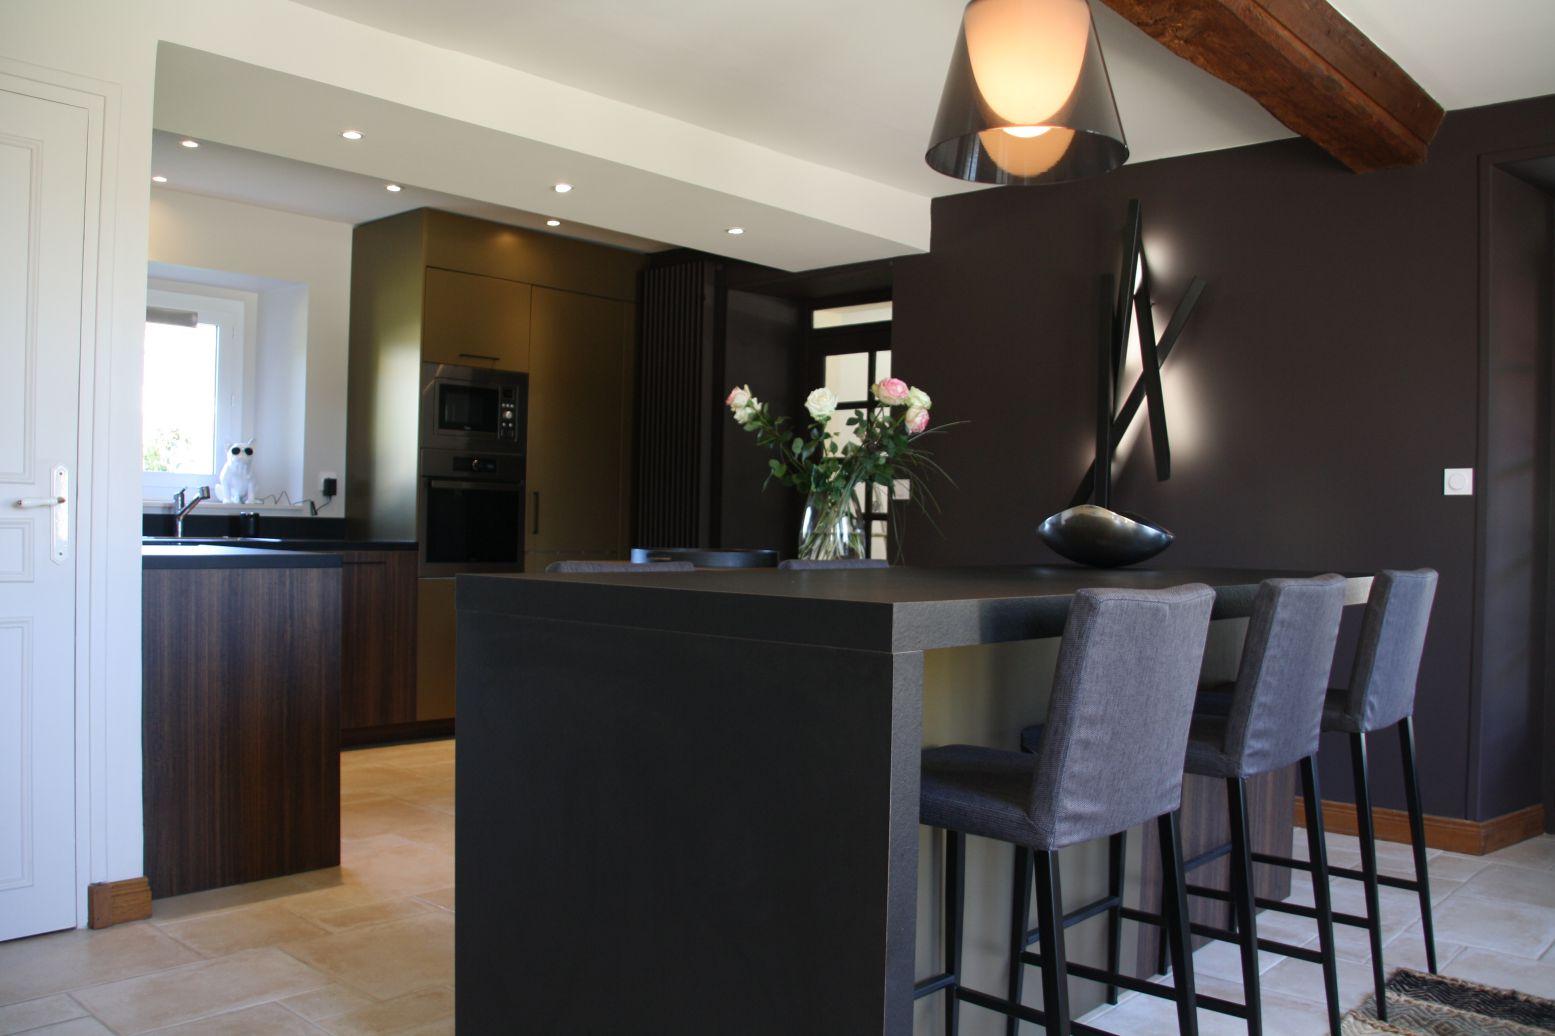 cuisine - bronze - or - bois - noir - moderne - chic